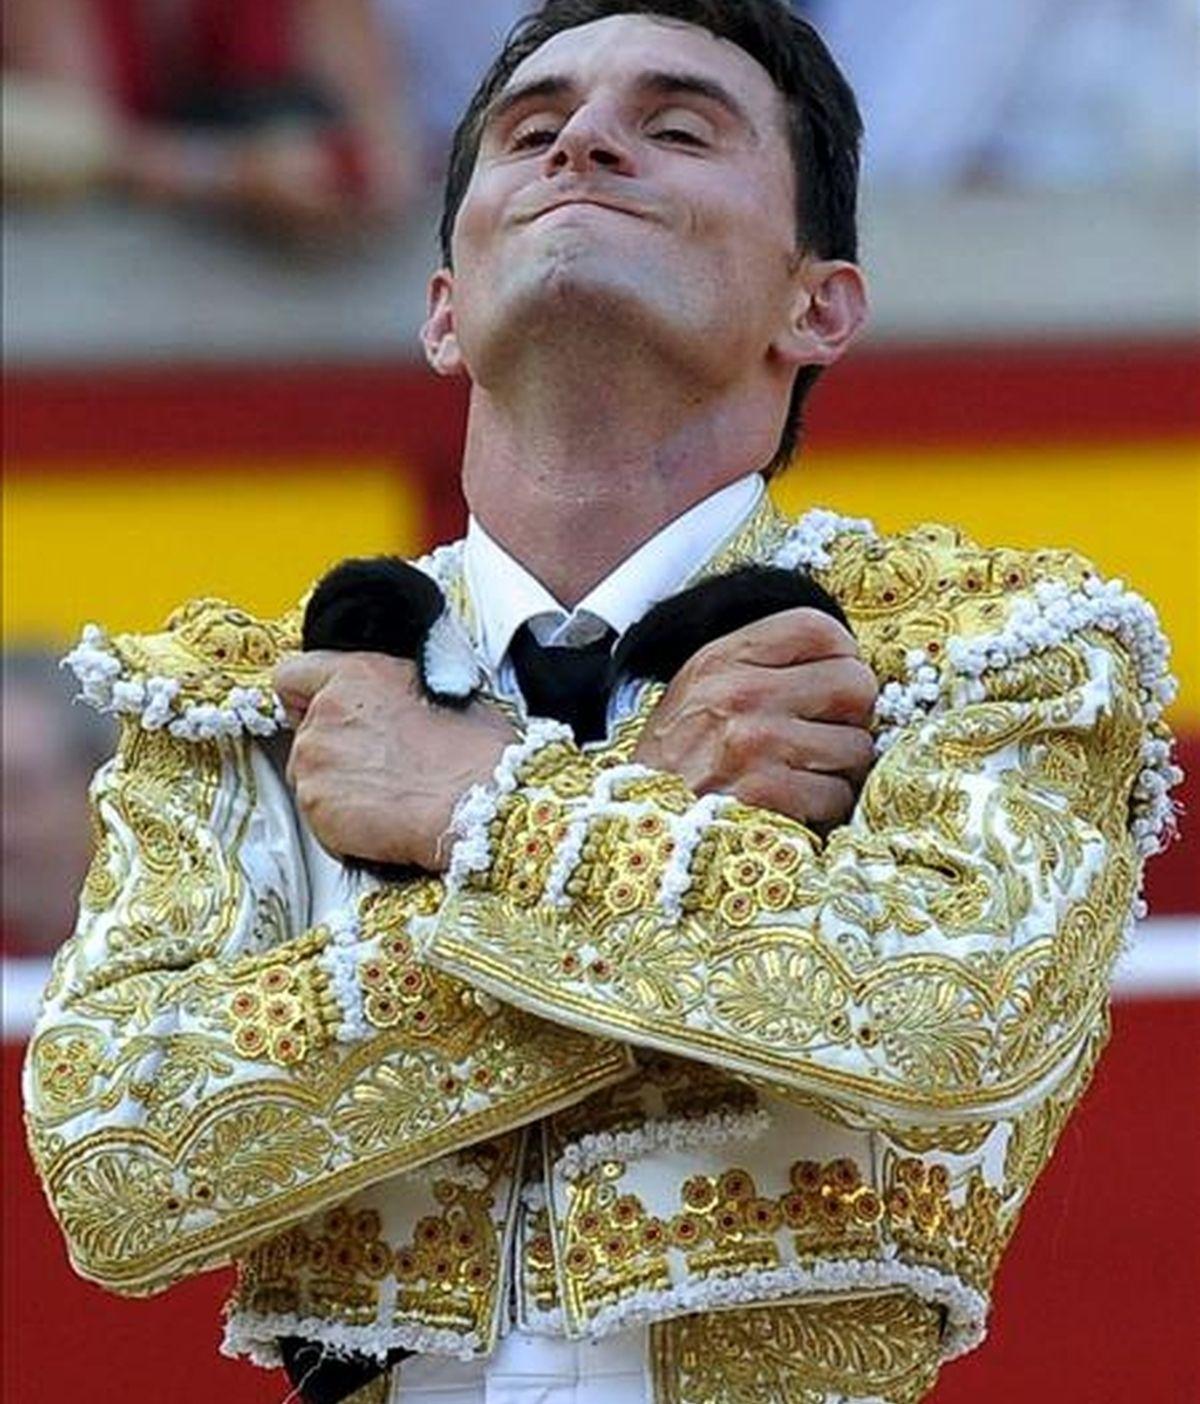 El torero madrileño Joselillo momentos antes de salir a hombros de la Plaza de Toros de Pamplona tras cortarle dos orejas a su segundo toro de la tarde en la Feria del Toro de Pamplona con motivo de los Sanfermines 2010. EFE